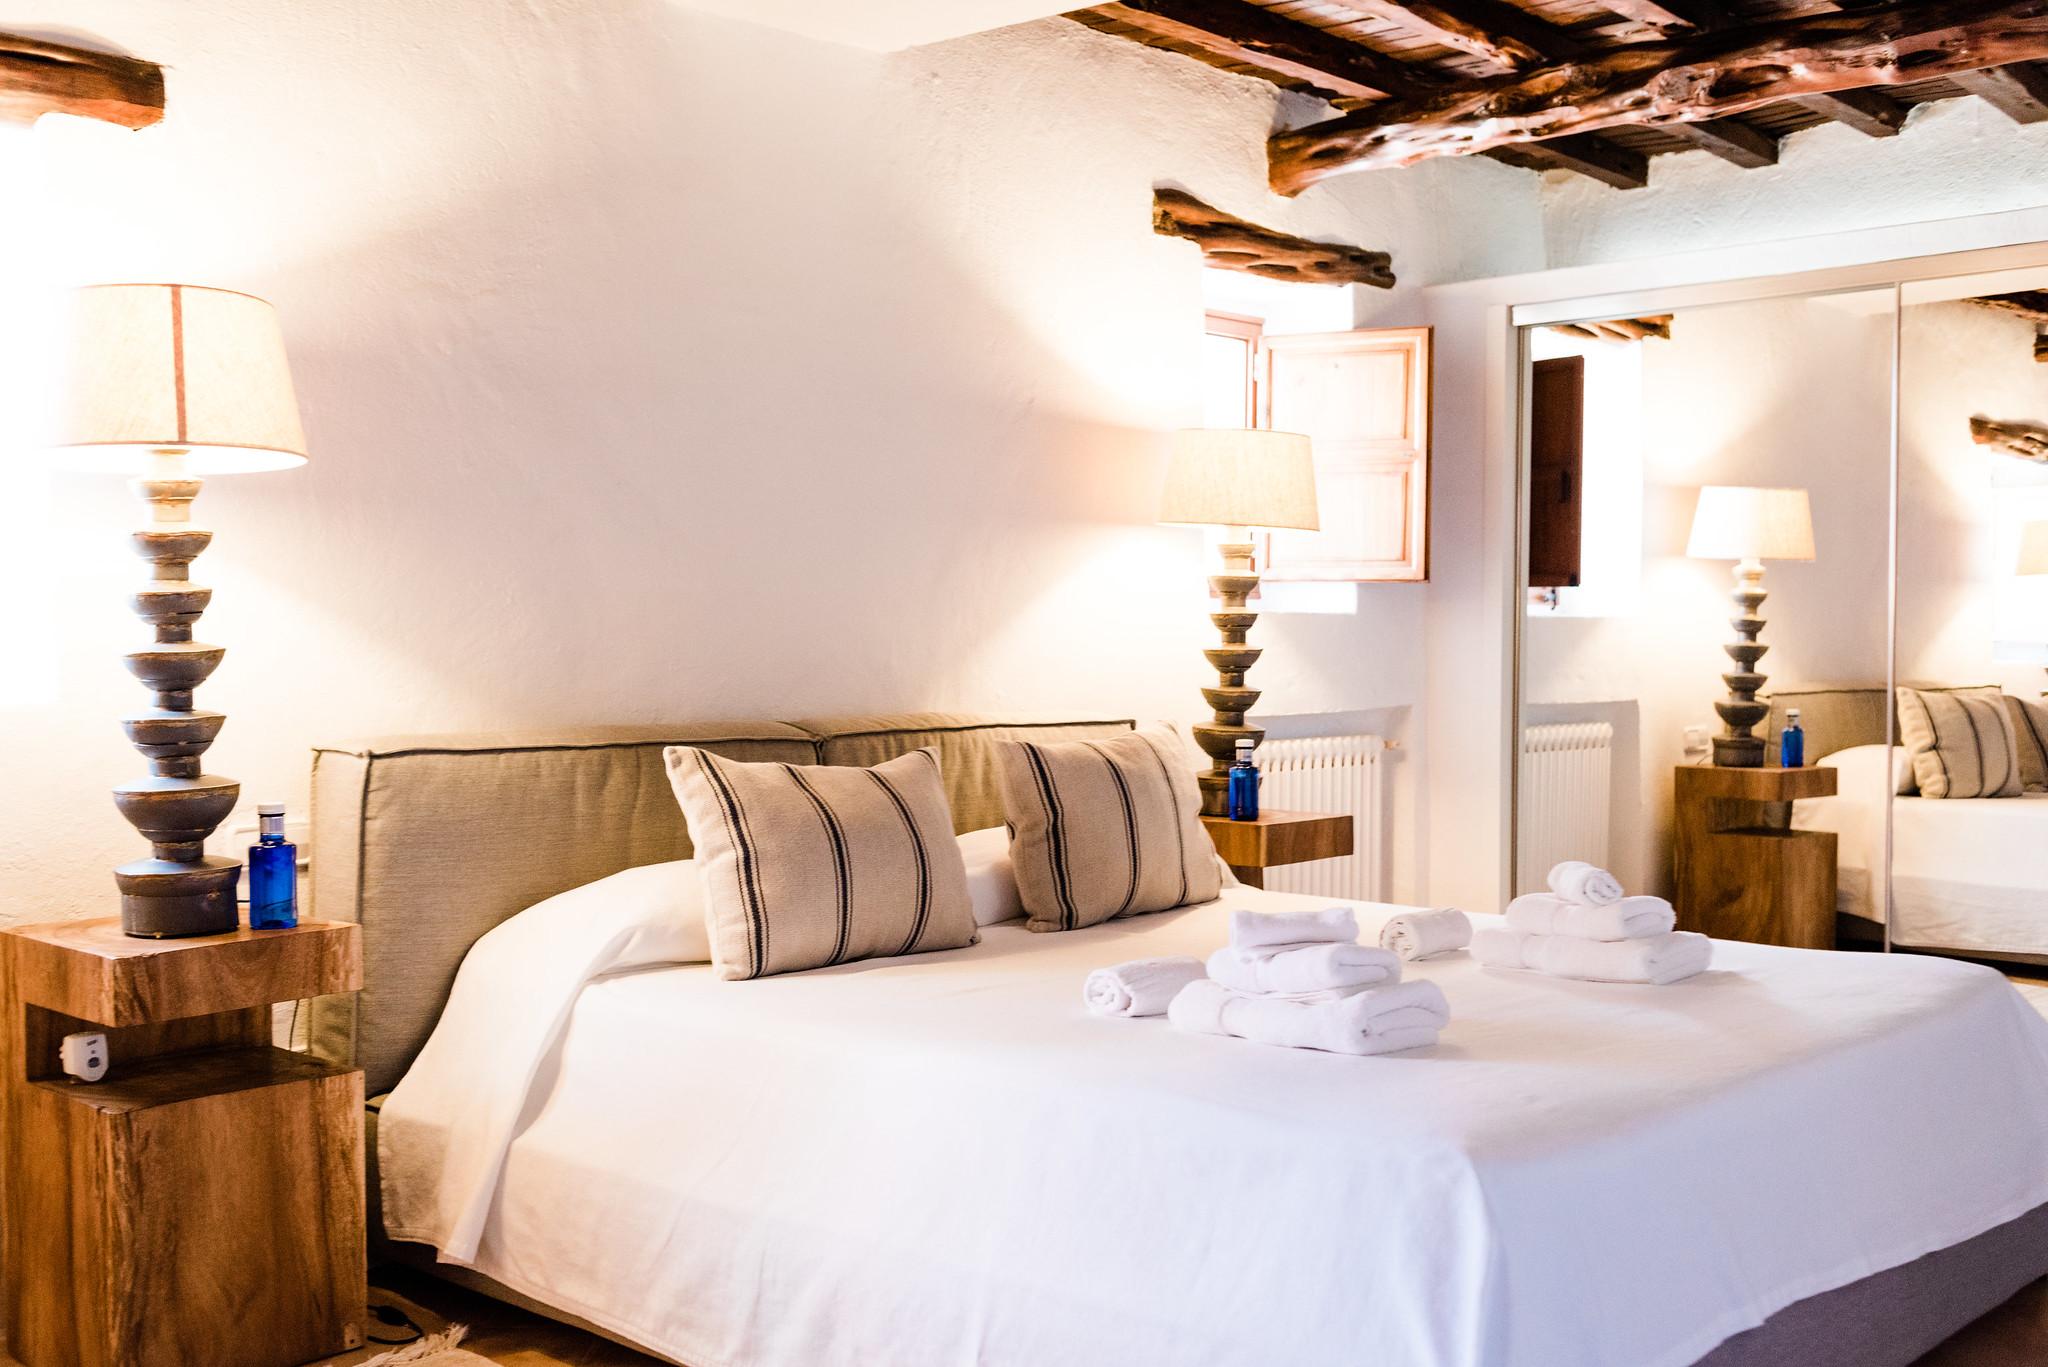 https://www.white-ibiza.com/wp-content/uploads/2020/06/white-ibiza-villas-villa-andrea-interior-bedroom.jpg